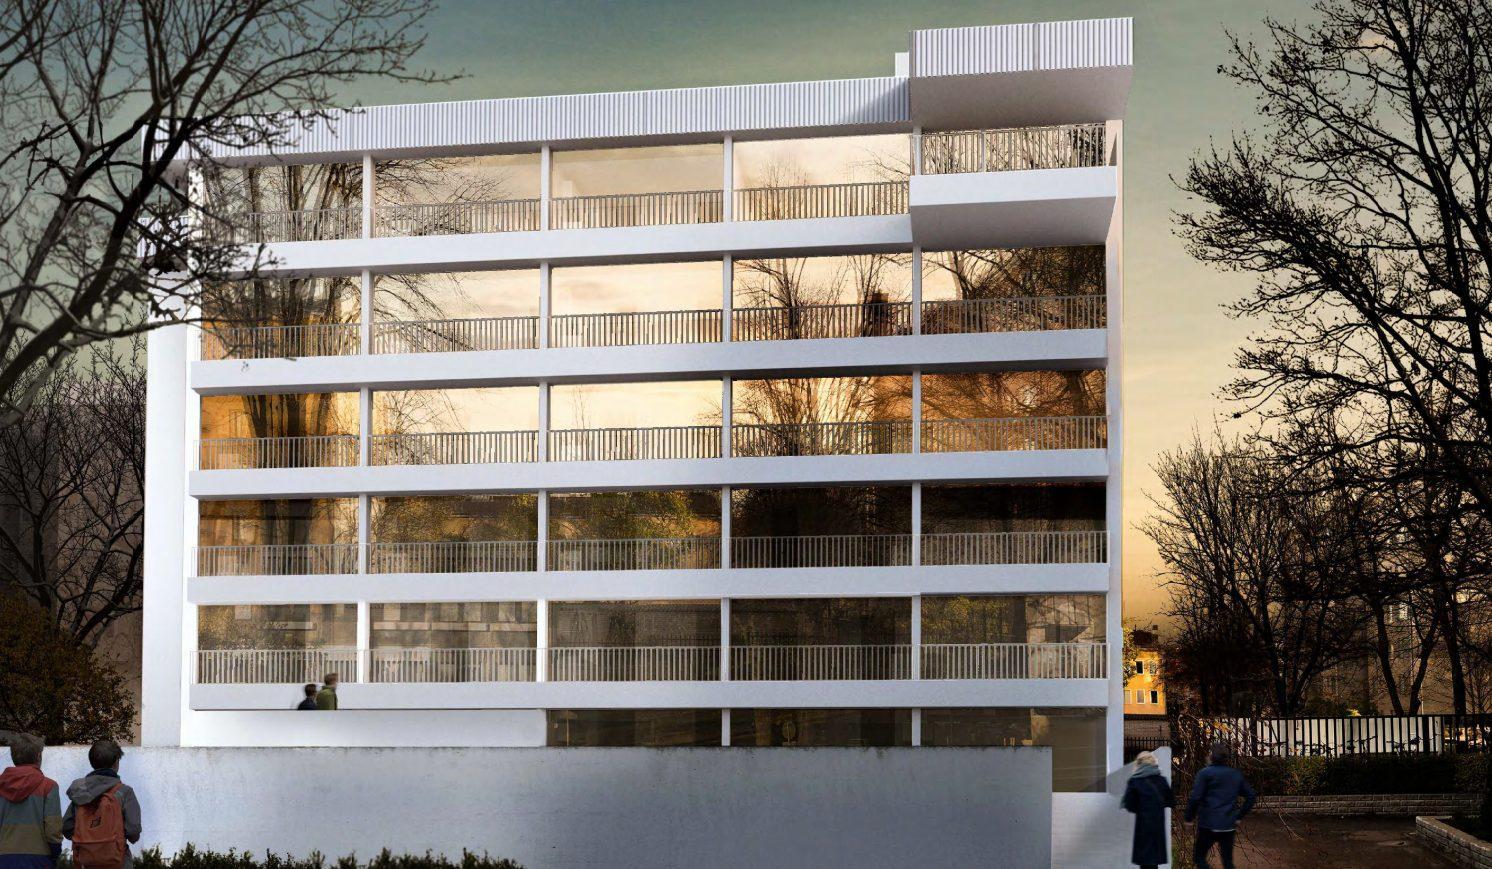 Ett höghus med sju våningar.